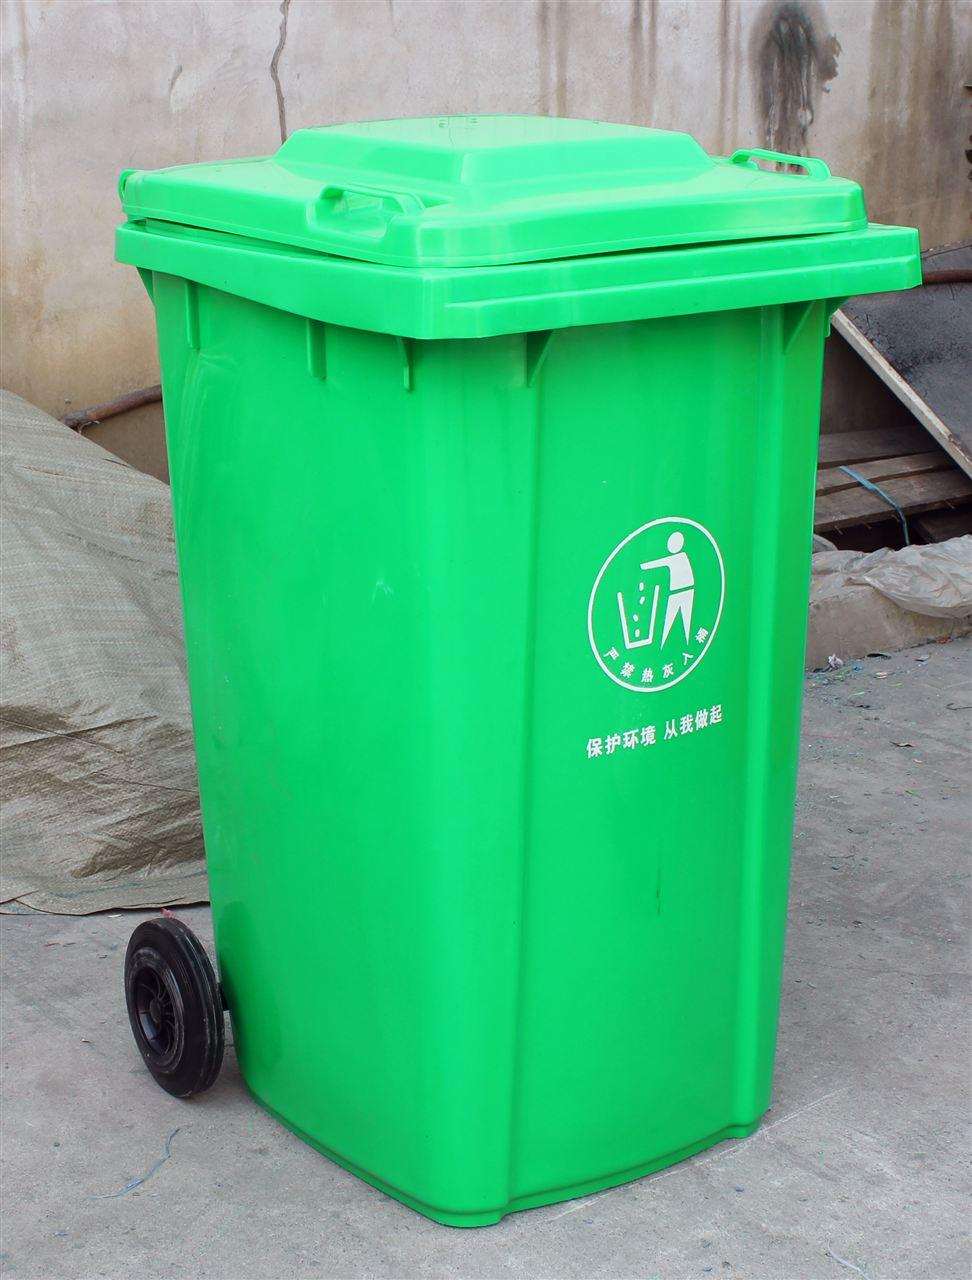 垃圾桶规格参数